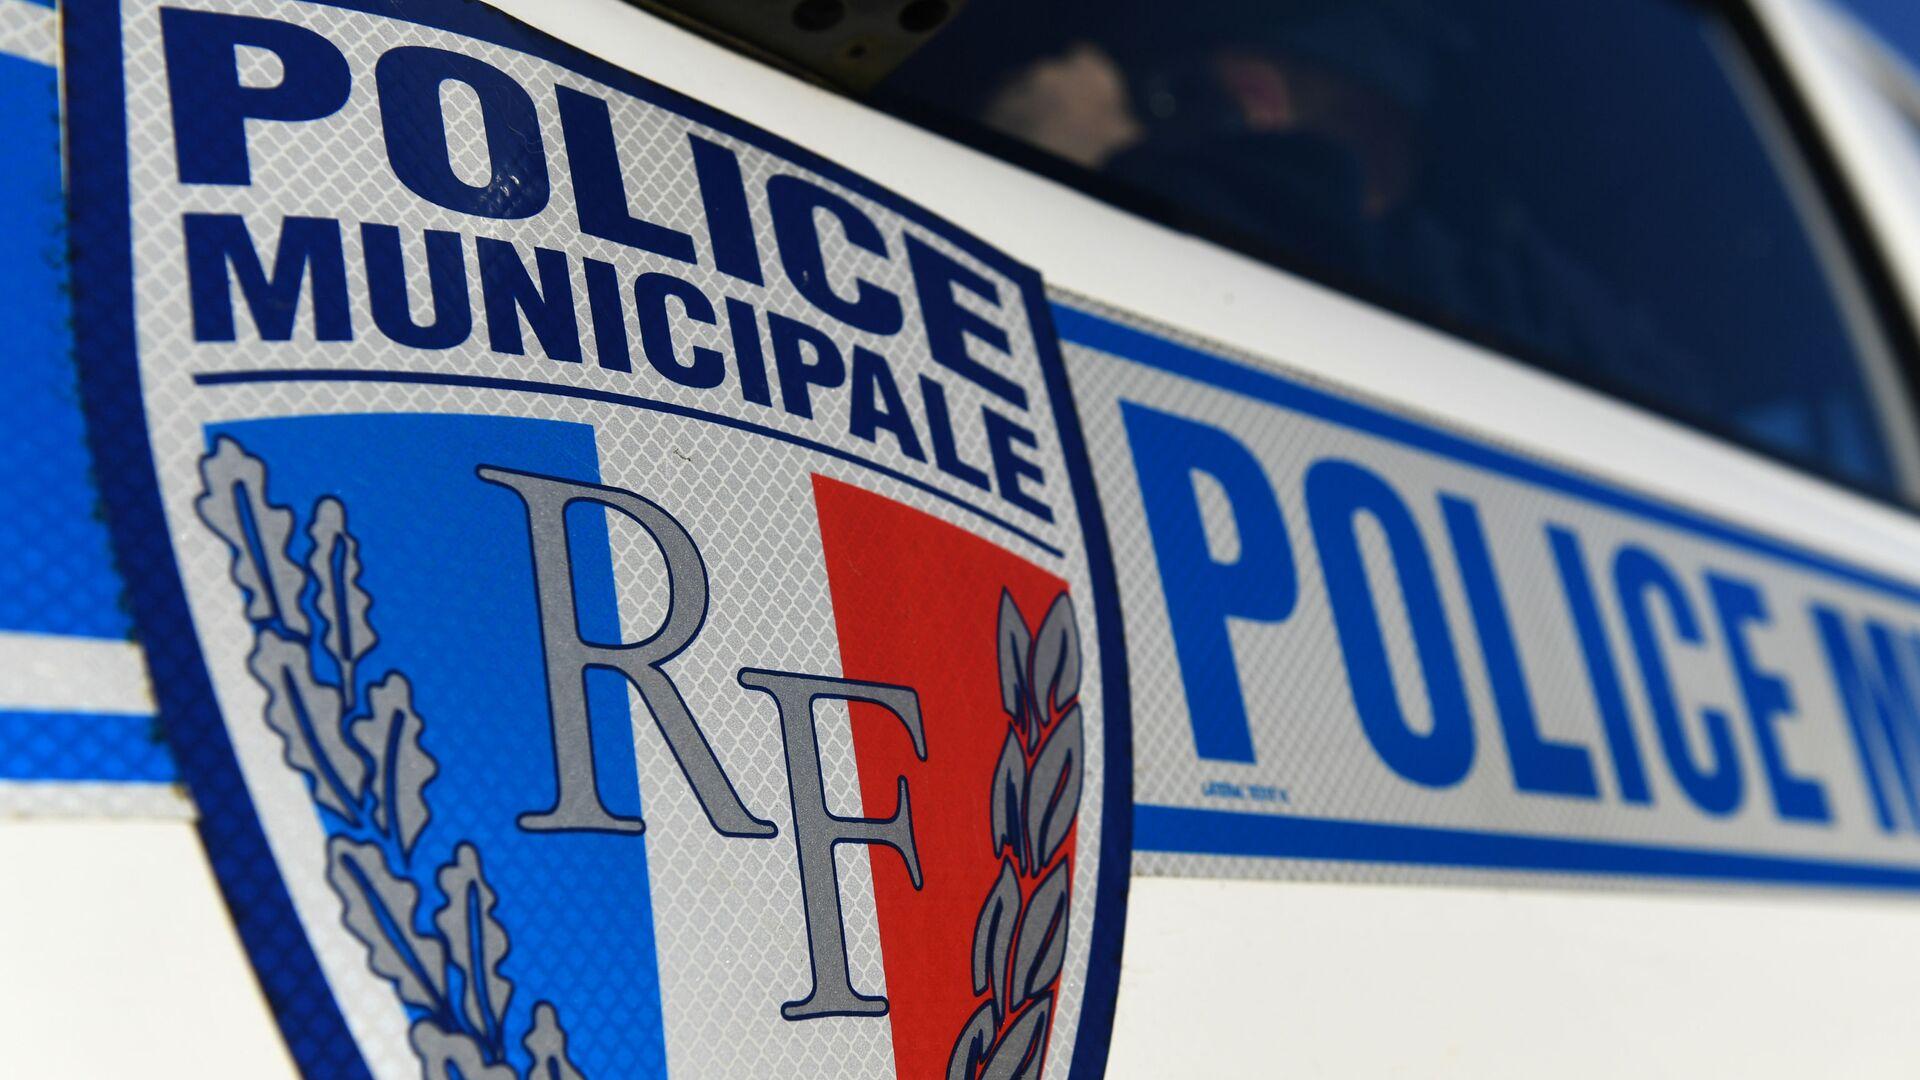 Περιπολικό τοπικής αστυνομίας στη Γαλλία - Sputnik Ελλάδα, 1920, 29.09.2021